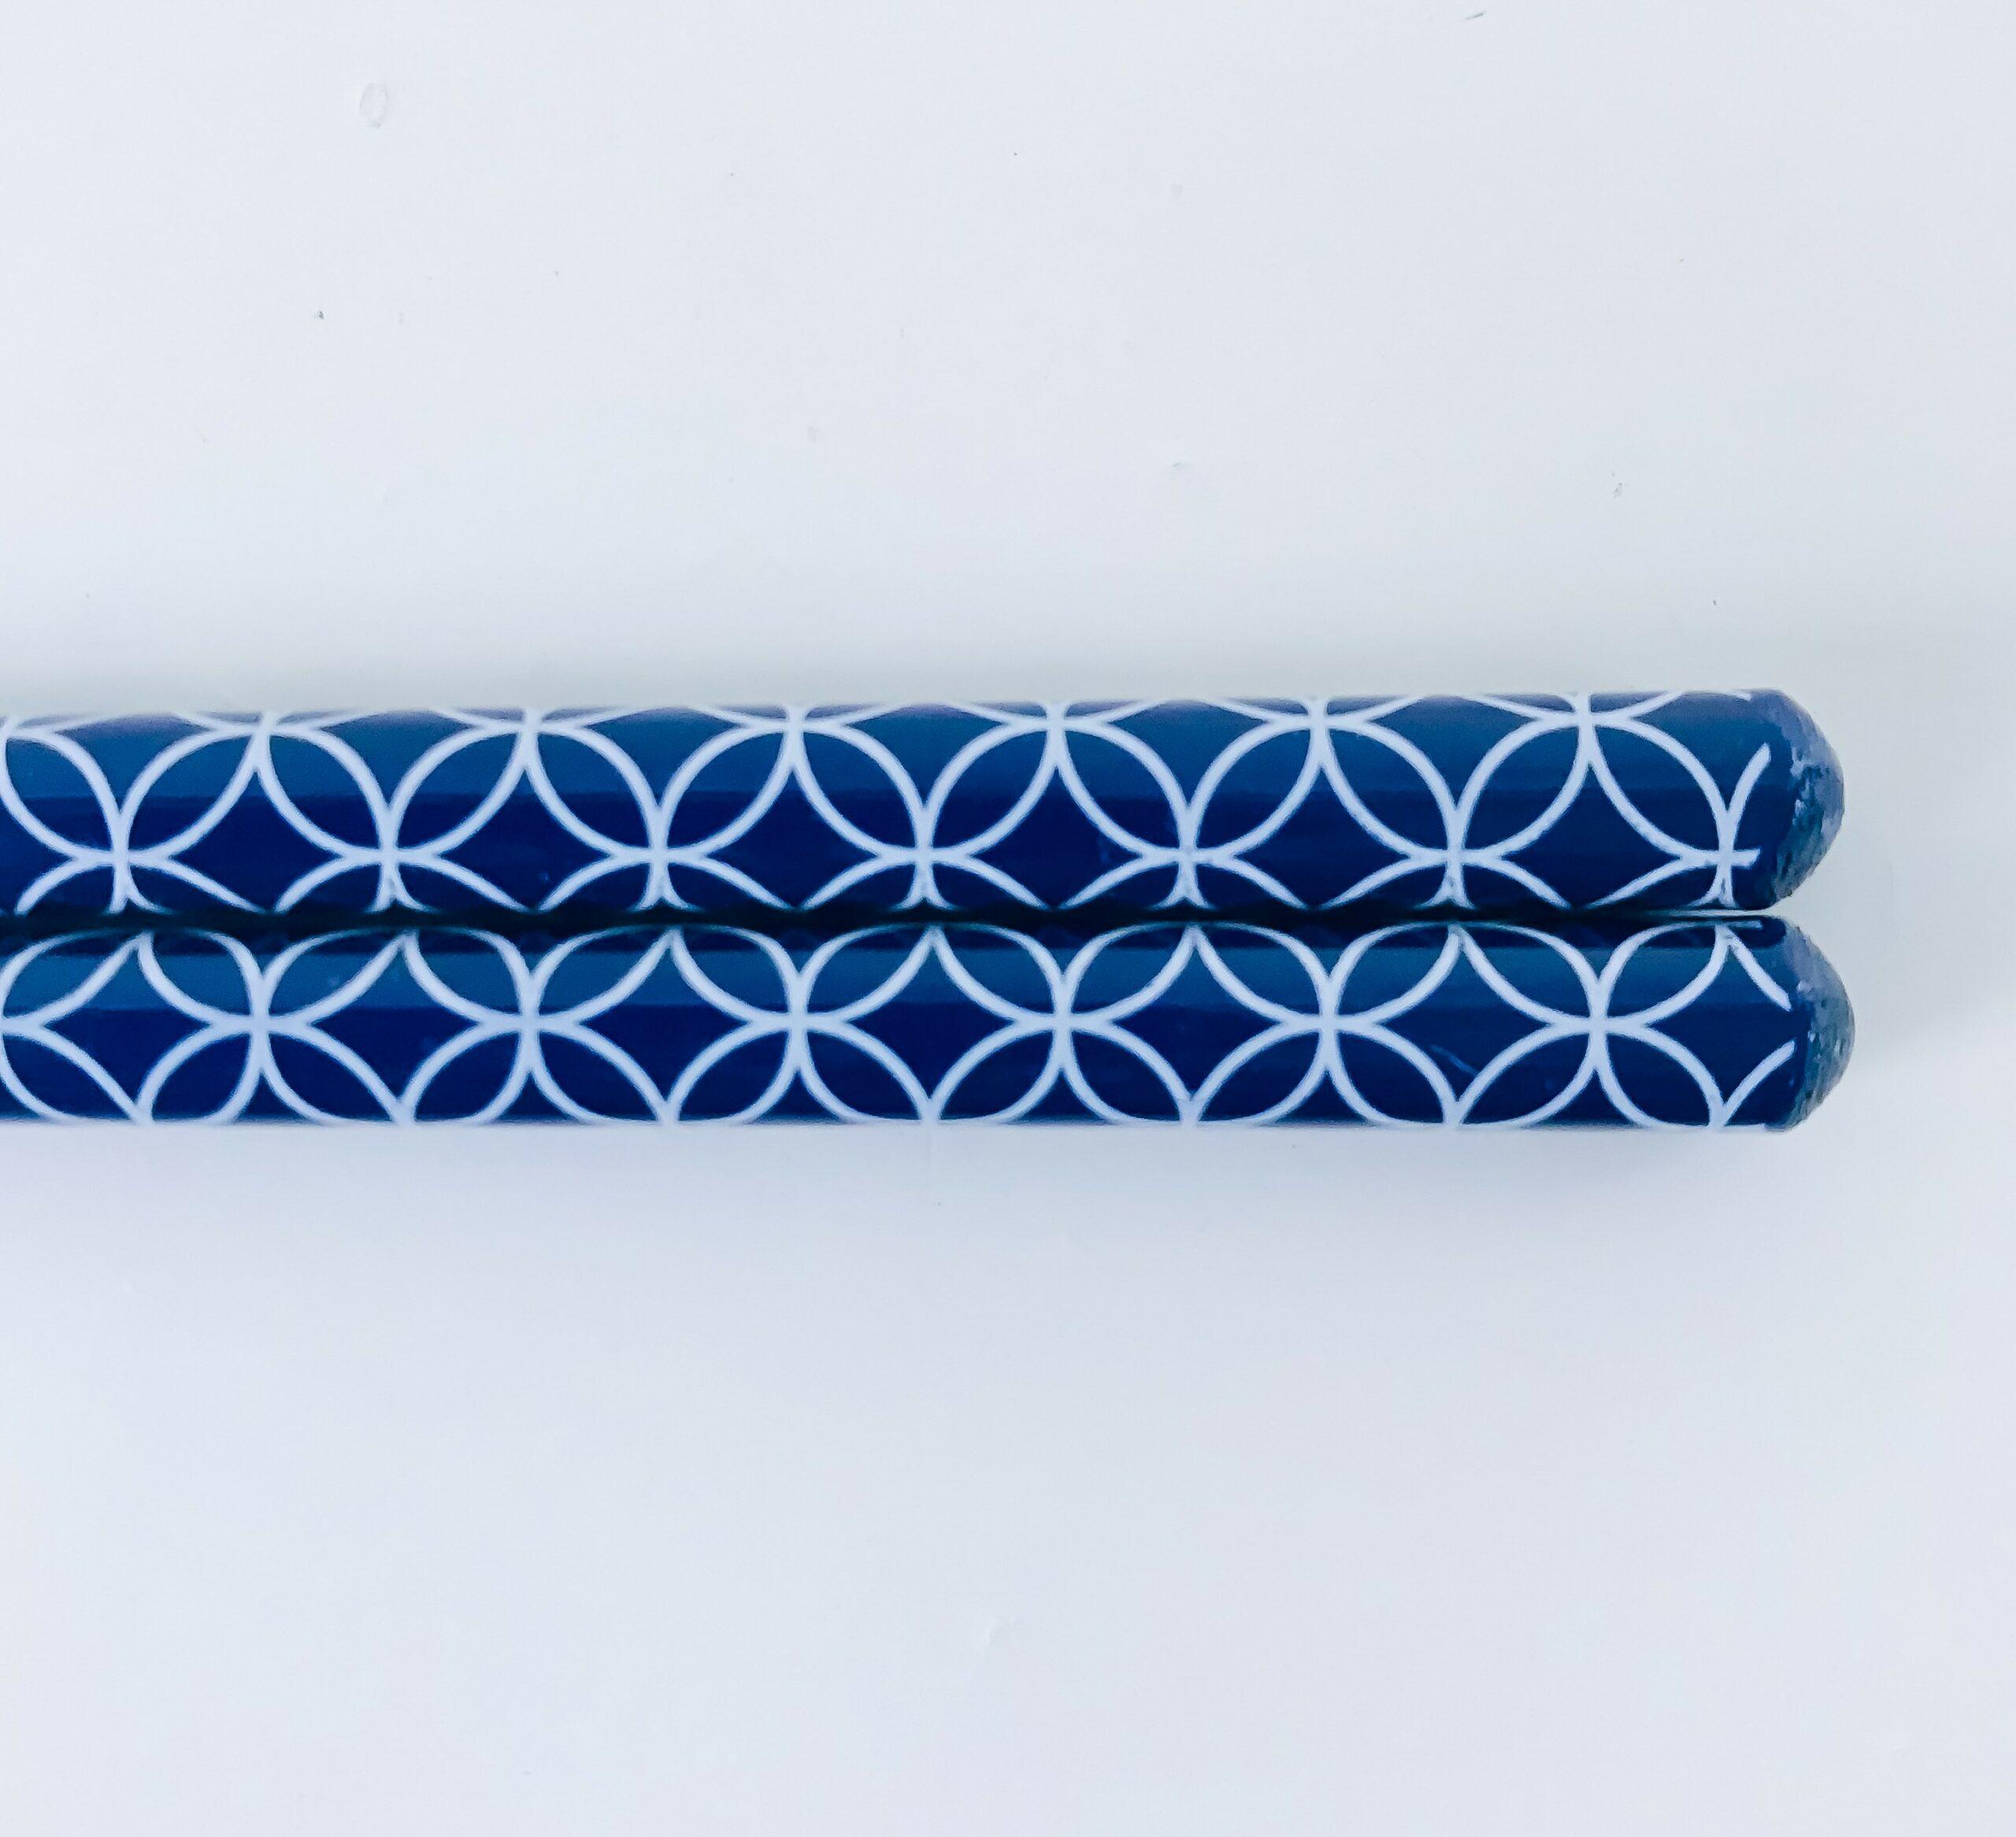 Brune spisepinde med blåt mønster